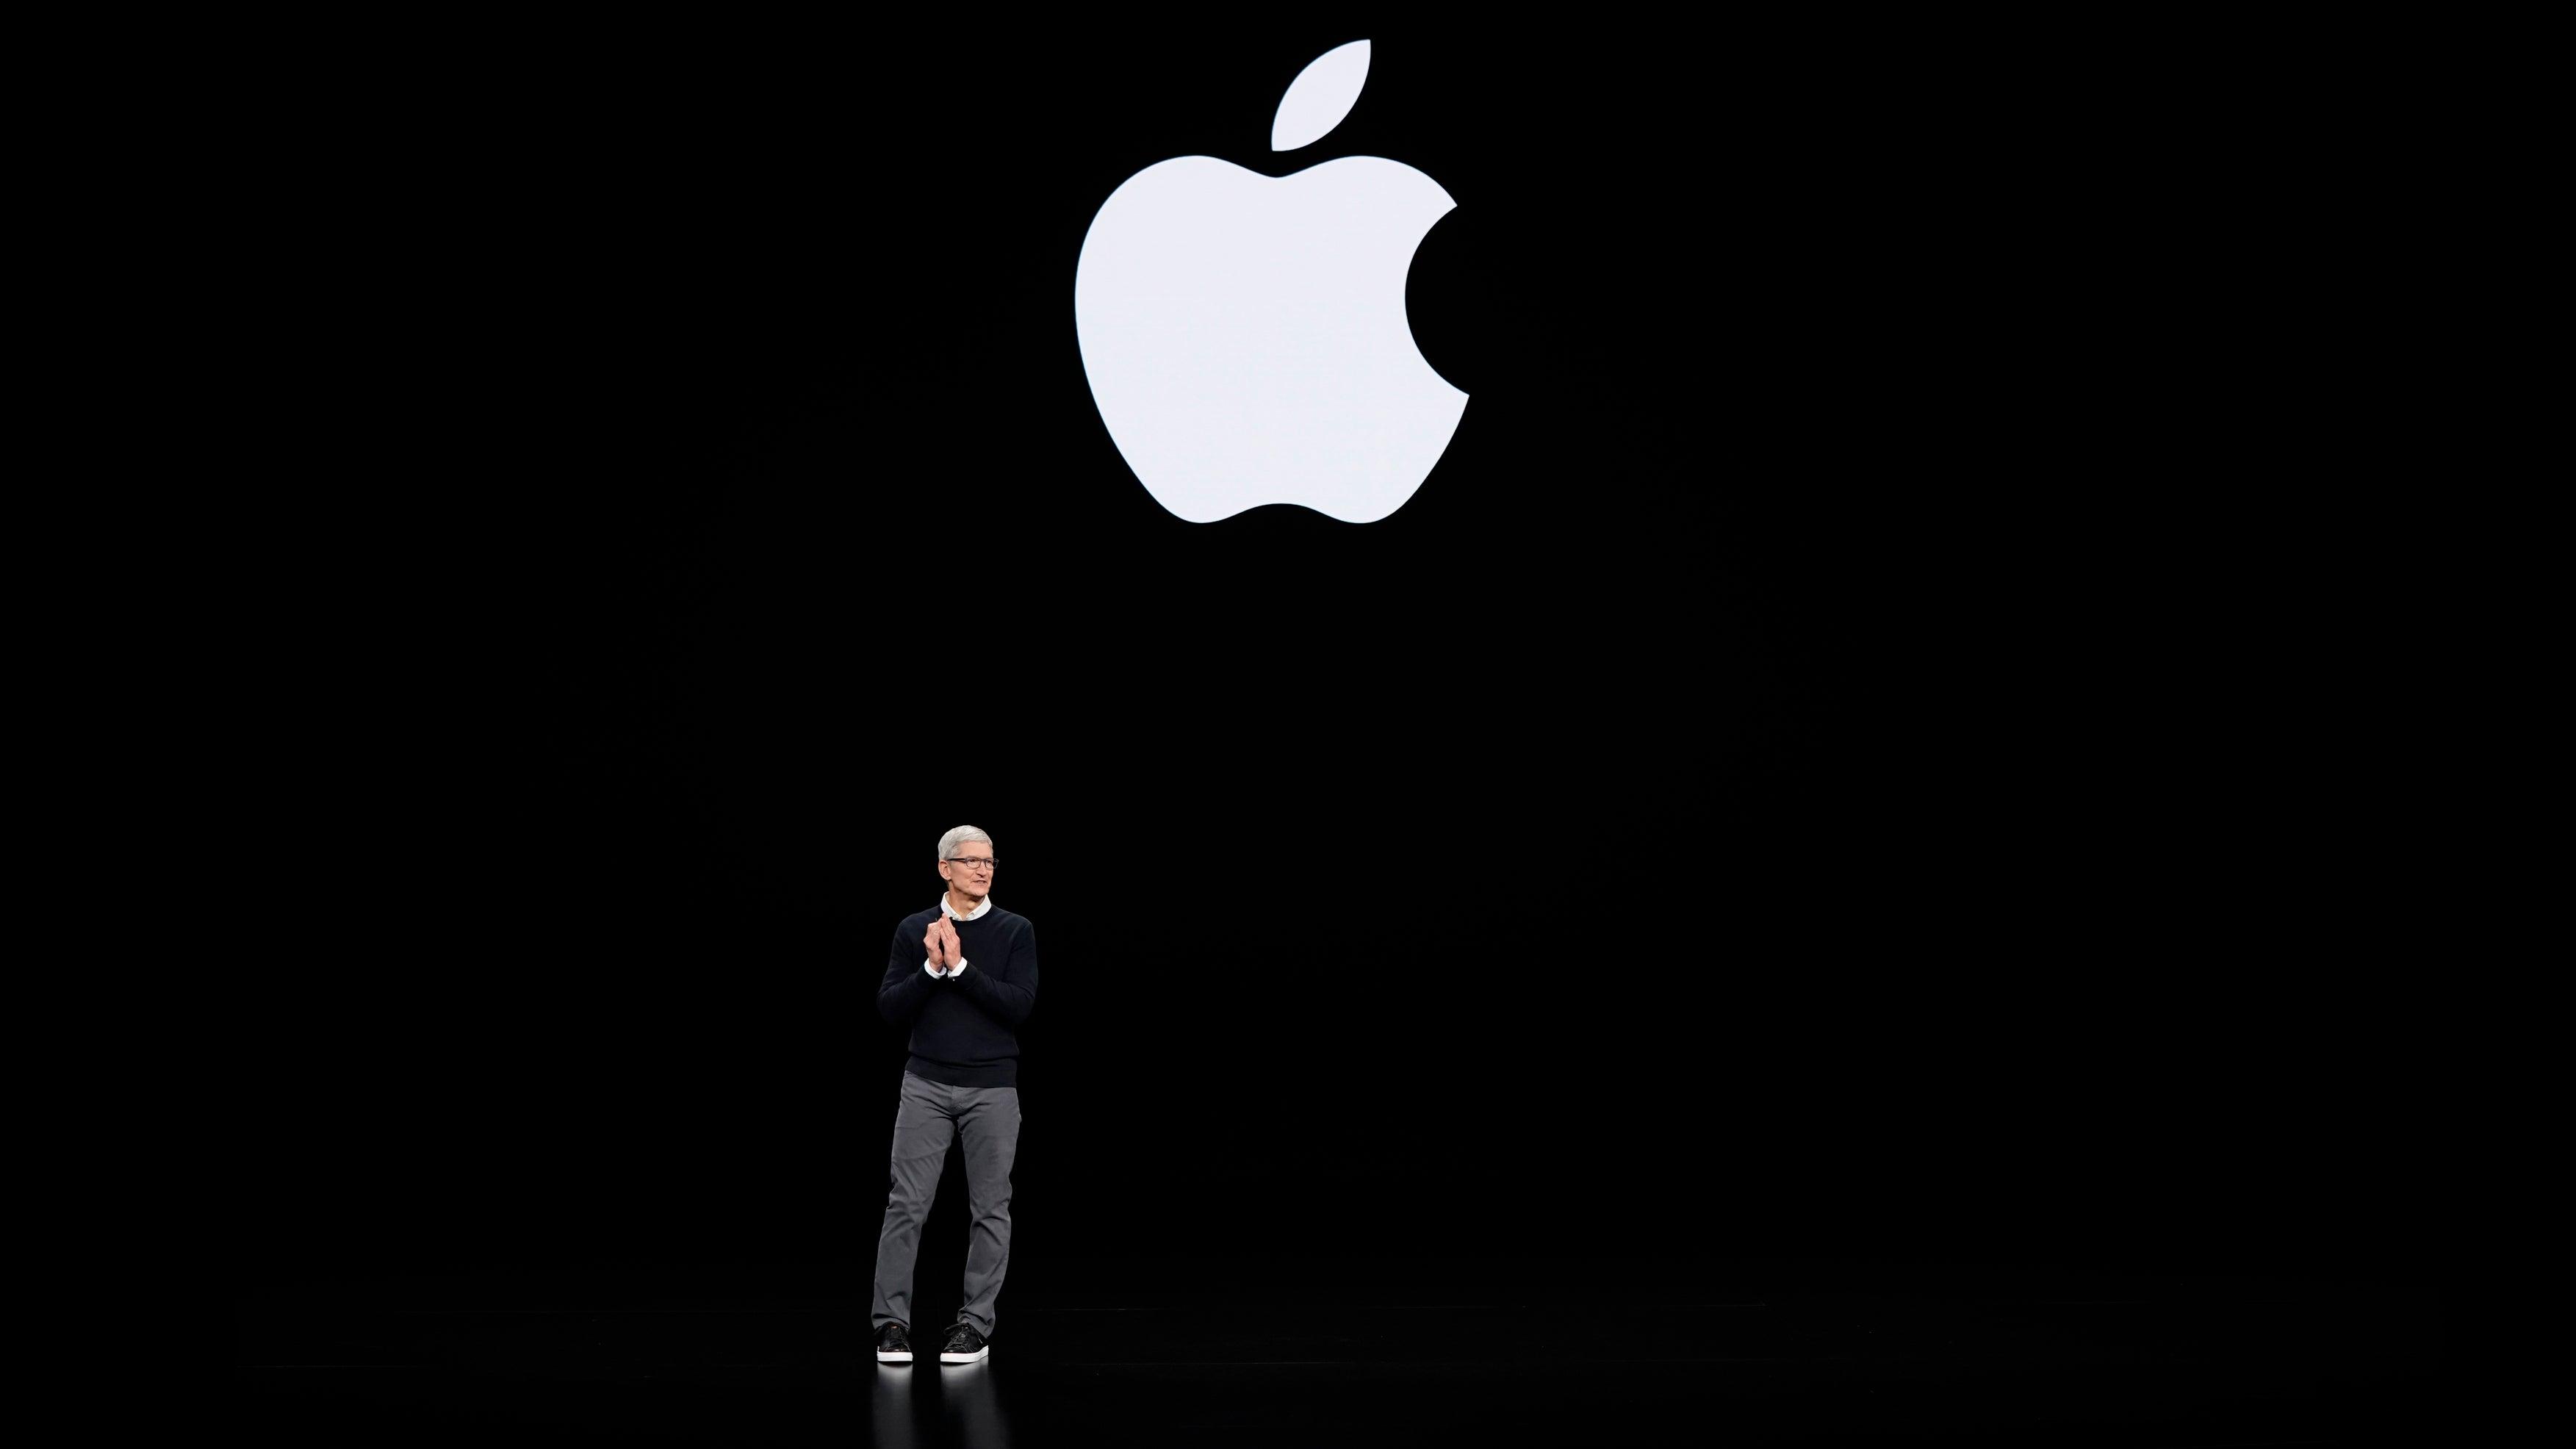 apple apple-arcade apple-card apple-news apple-news-plus apple-pay apple-services-event apple-tv apple-tv-plus